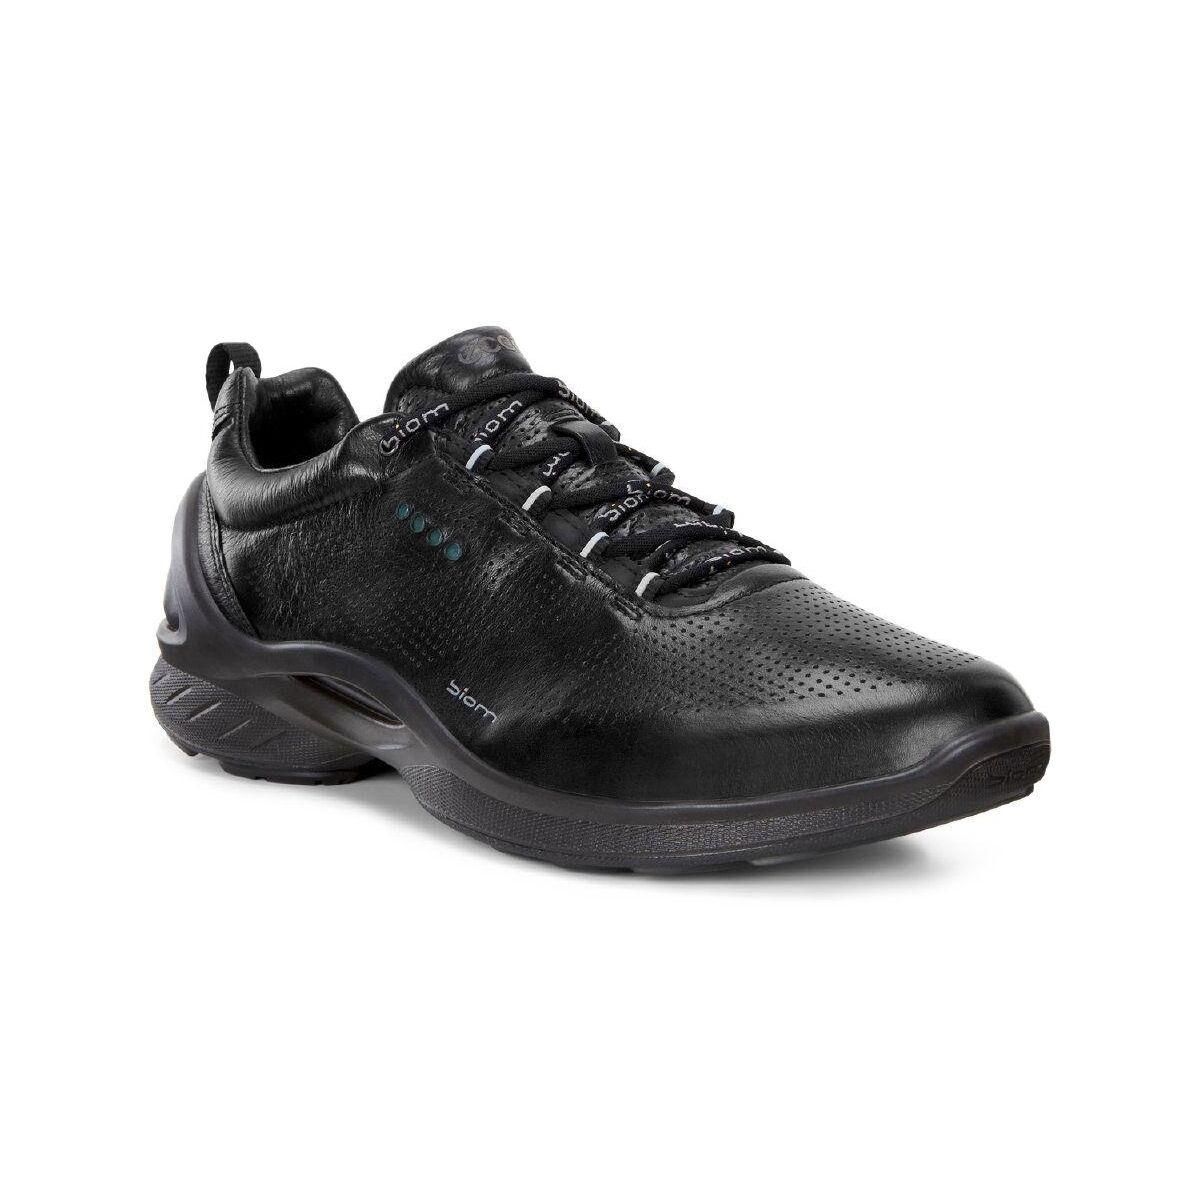 Ecco Biom Fjuel Zapatos Negro Natural Motion caballeros Sneaker Negro Zapatos 837514-01001 Biom 025fe7